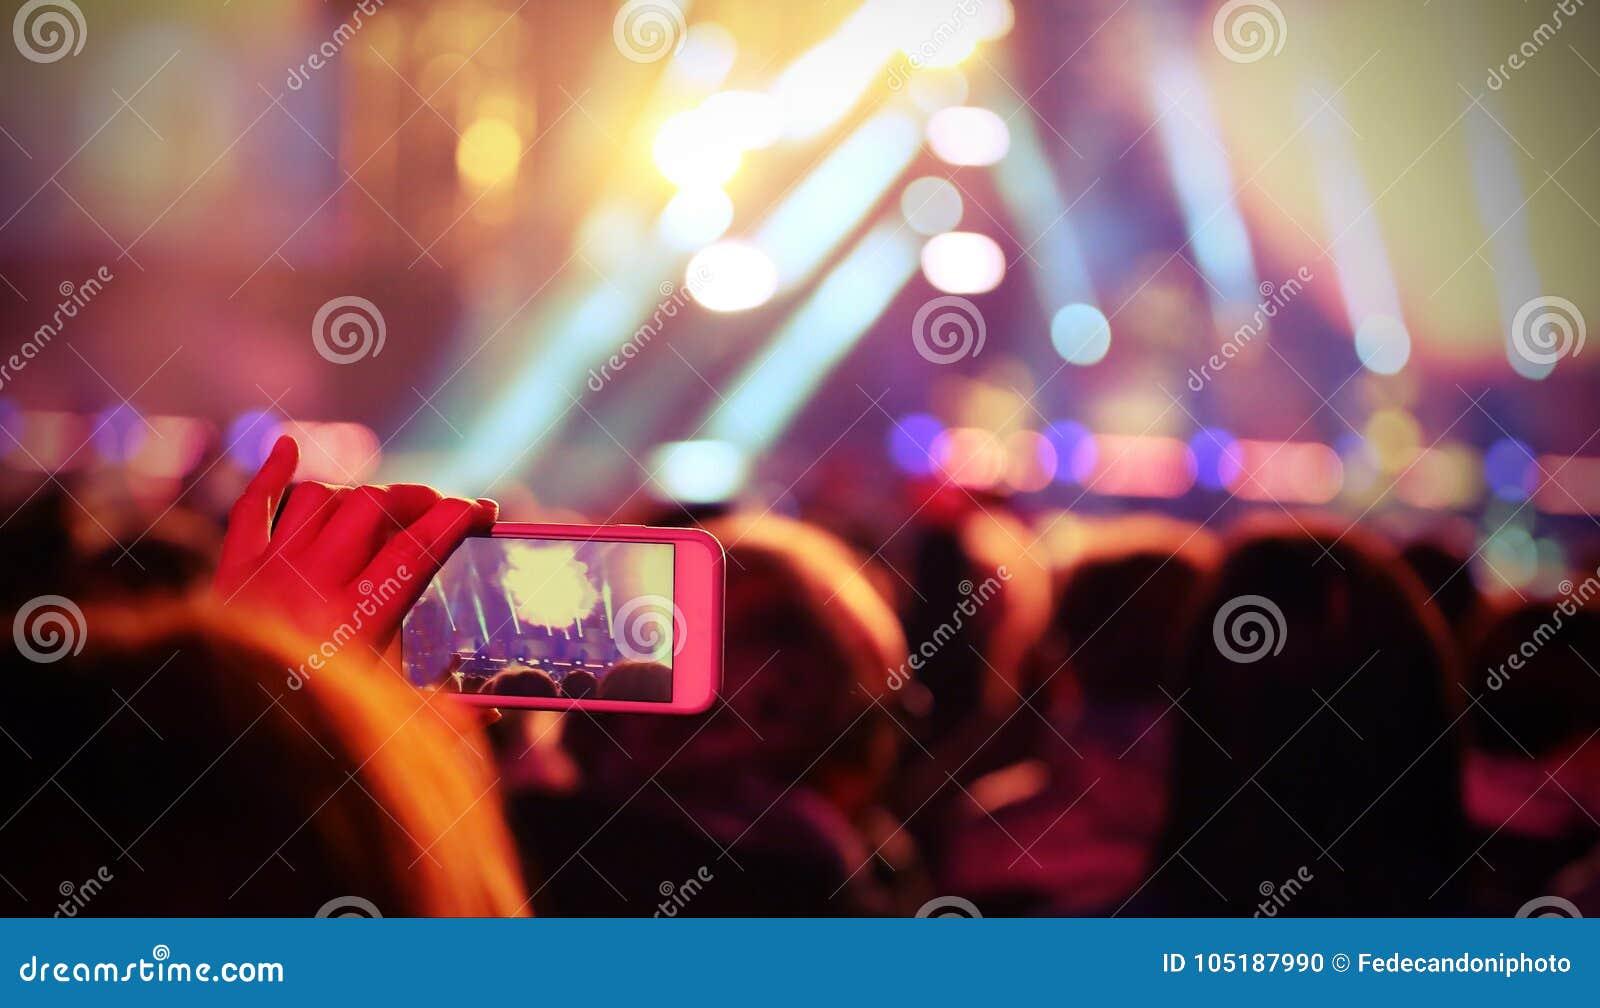 ζήστε συναυλία και μαγνητοσκόπηση νέων κοριτσιών ένα σύντομο βίντεο με το εκλεκτής ποιότητας ε